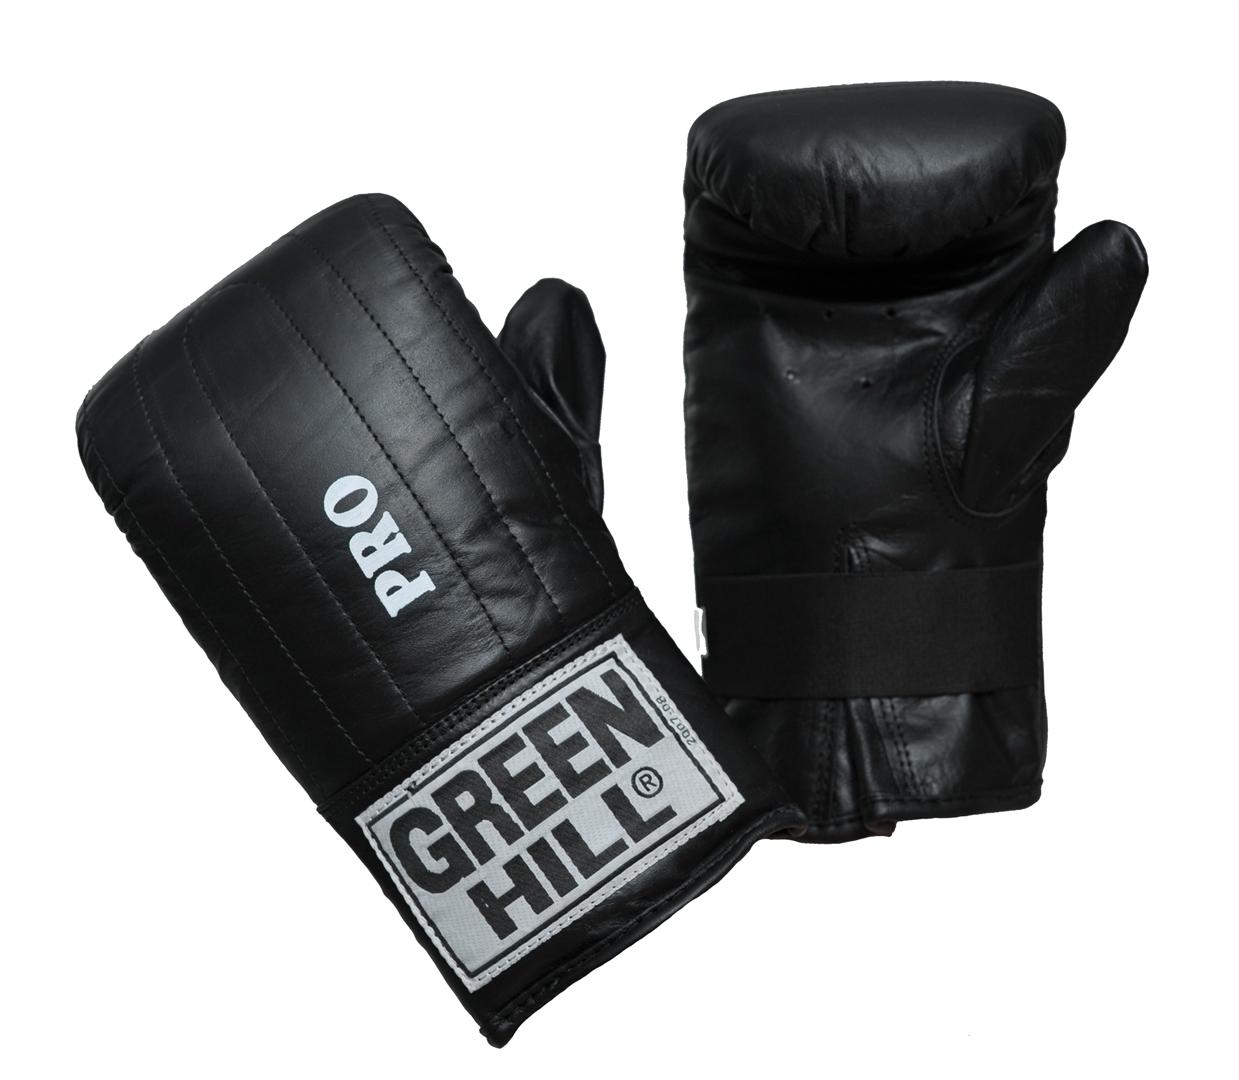 Перчатки снарядные Green Hill Pro, цвет: черный. Размер MPMP-2064Снарядные перчатки Green Hill Pro предназначены для отработки ударов по мешкам и лапам, а также для легких спаррингов. Перчатки выполнены из натуральной кожи с мягким наполнителем внутри. Манжет не резинке позволяет быстро снимать и одевать перчатки, плотно фиксирует их на руке.